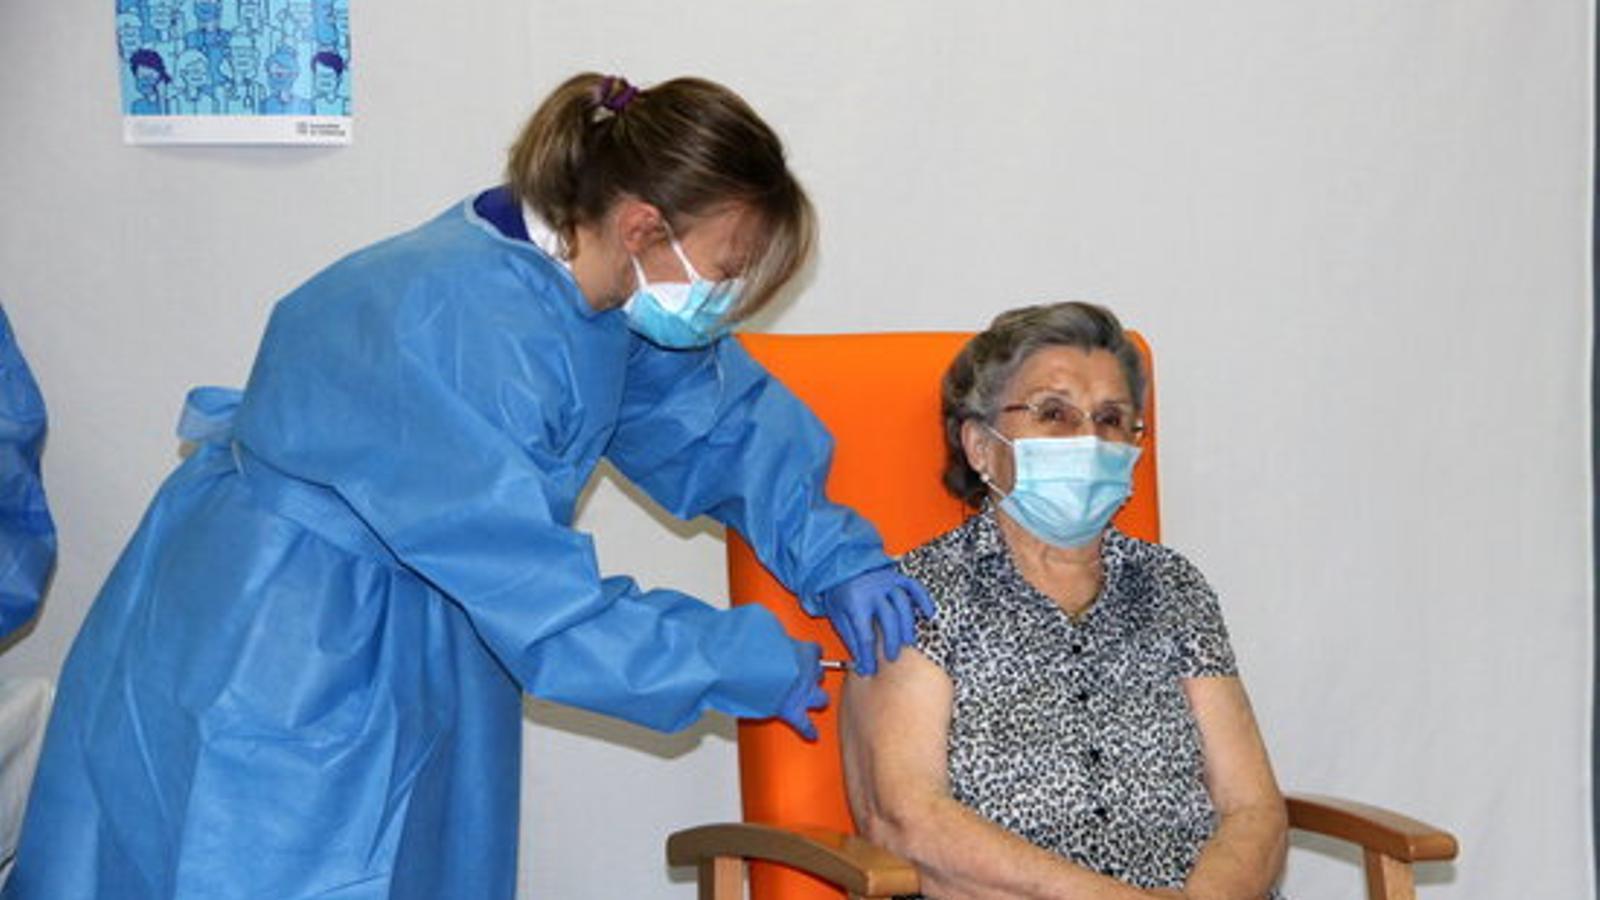 Leocàdia Peña, de 85 anys, primera vacunada de covid-19 a l'Alt Pirineu i Aran / ACN